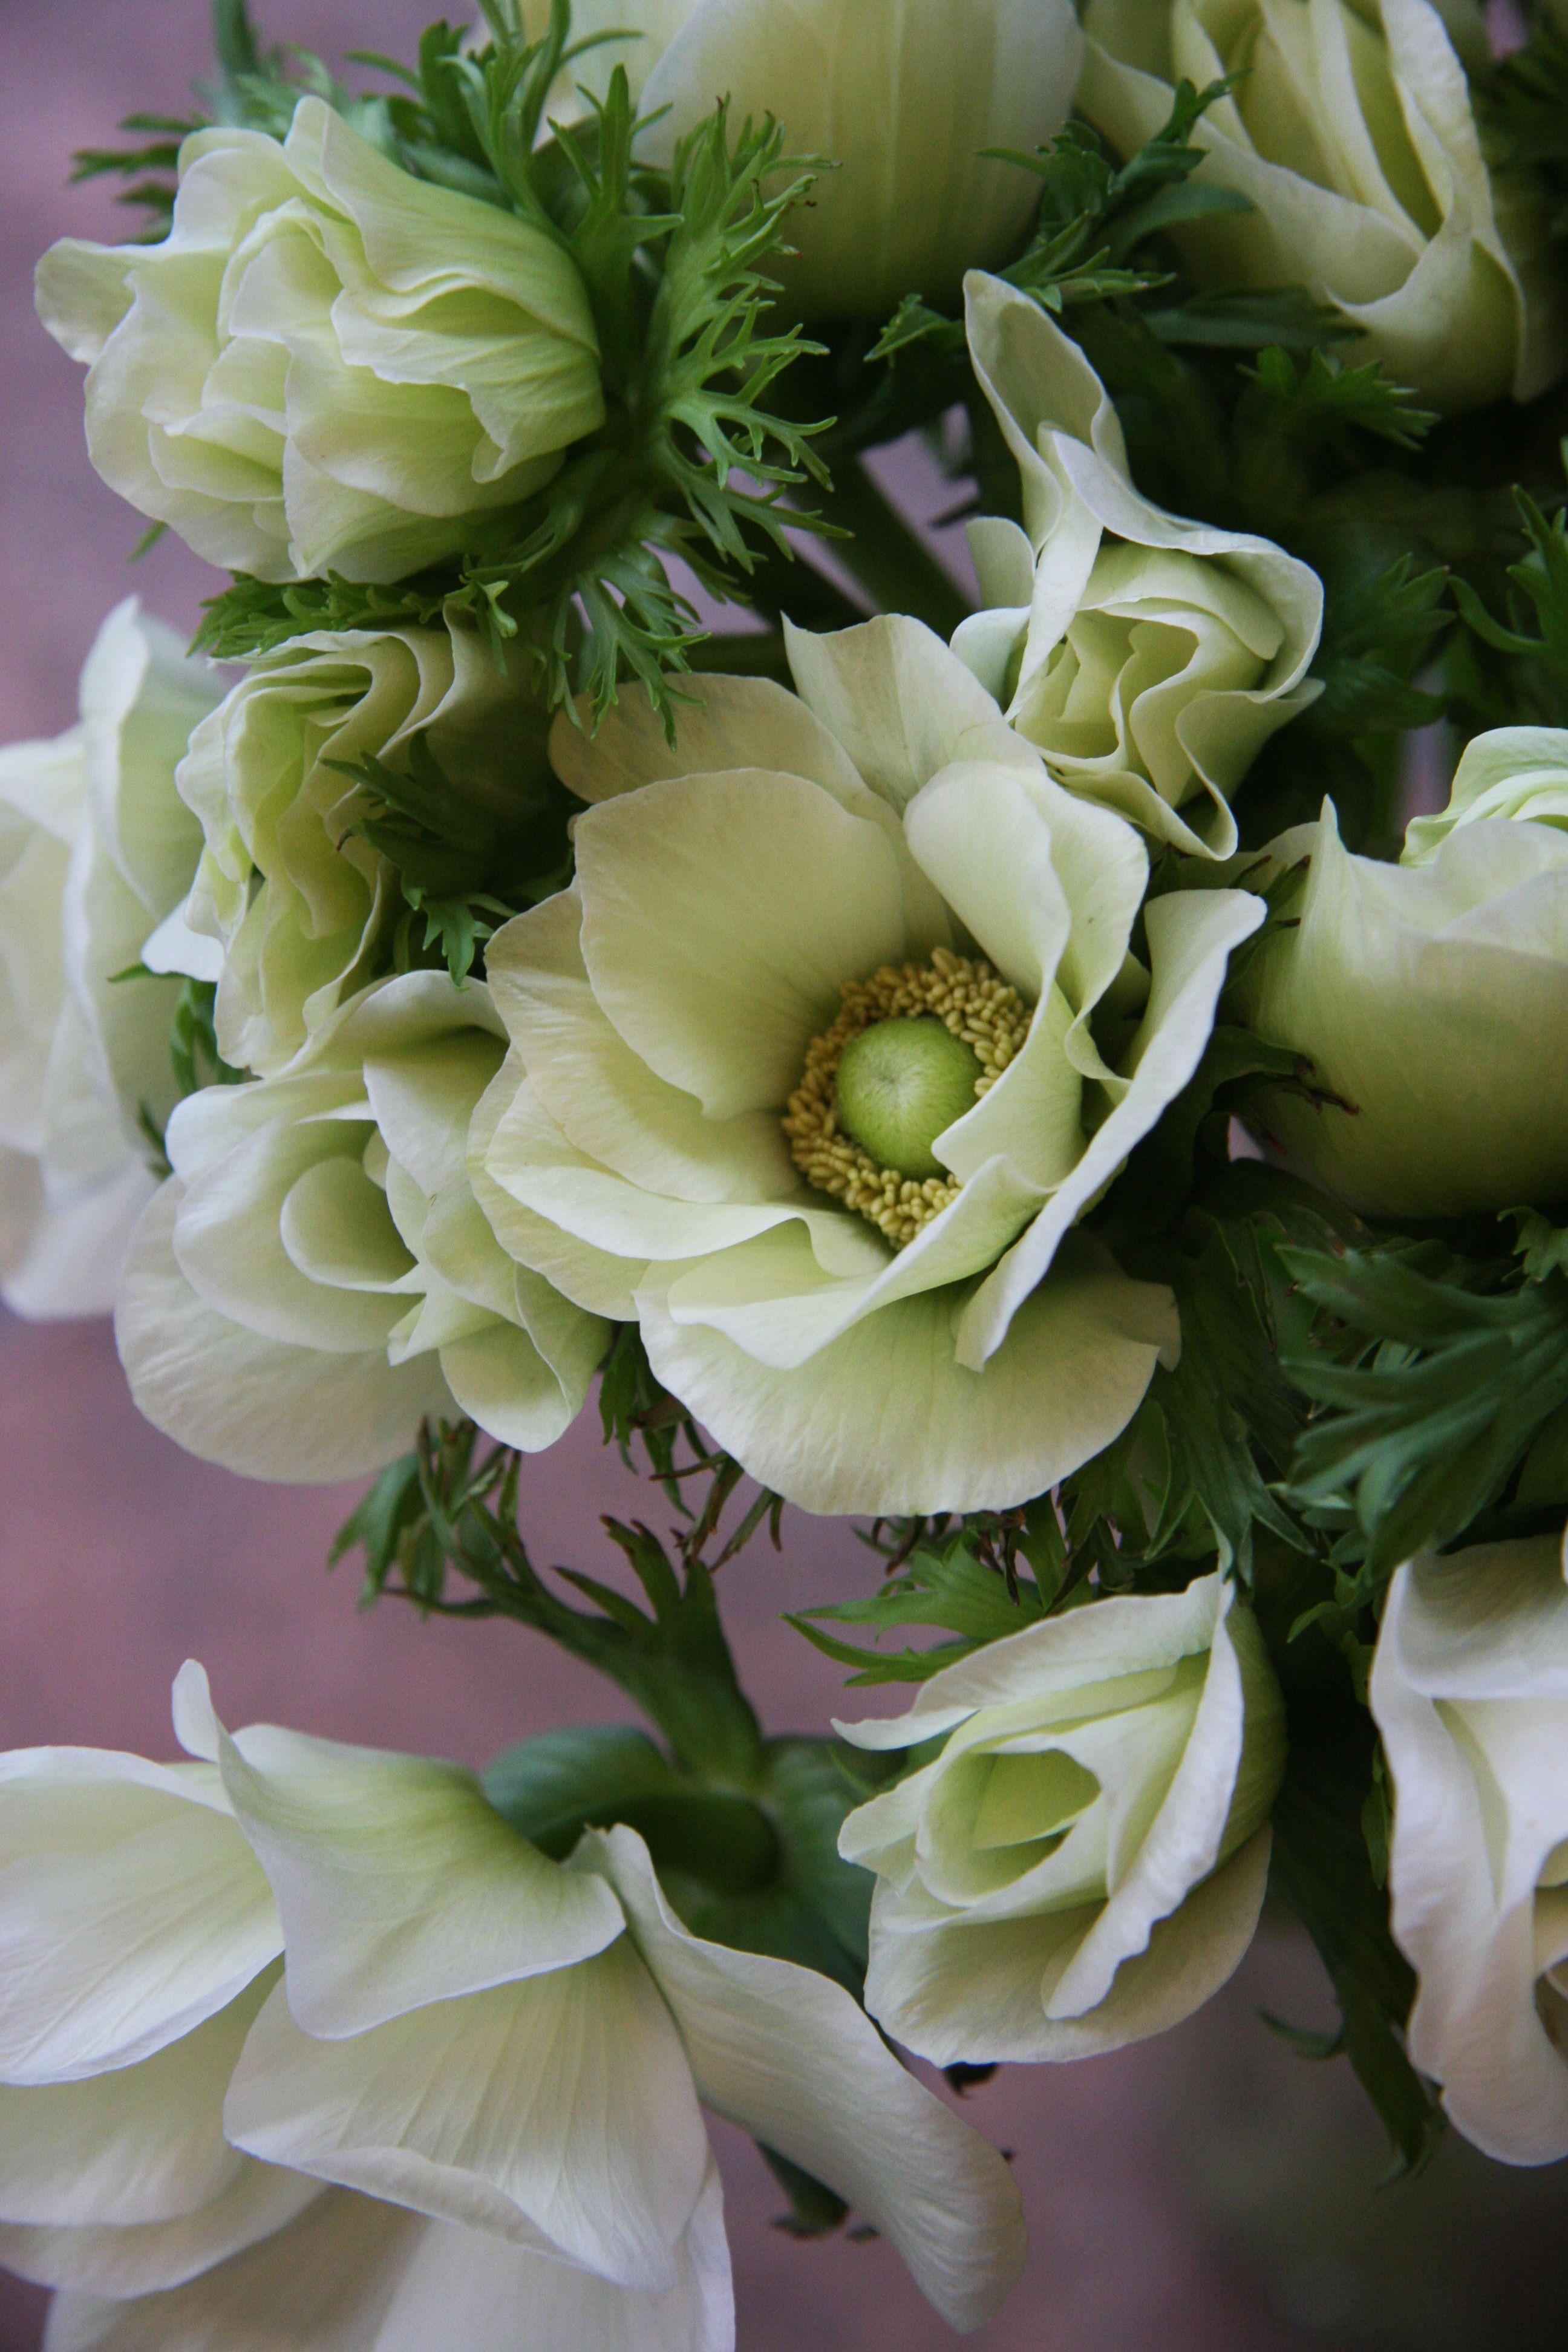 Каталог семян цветов с фото седек хозяйка старается